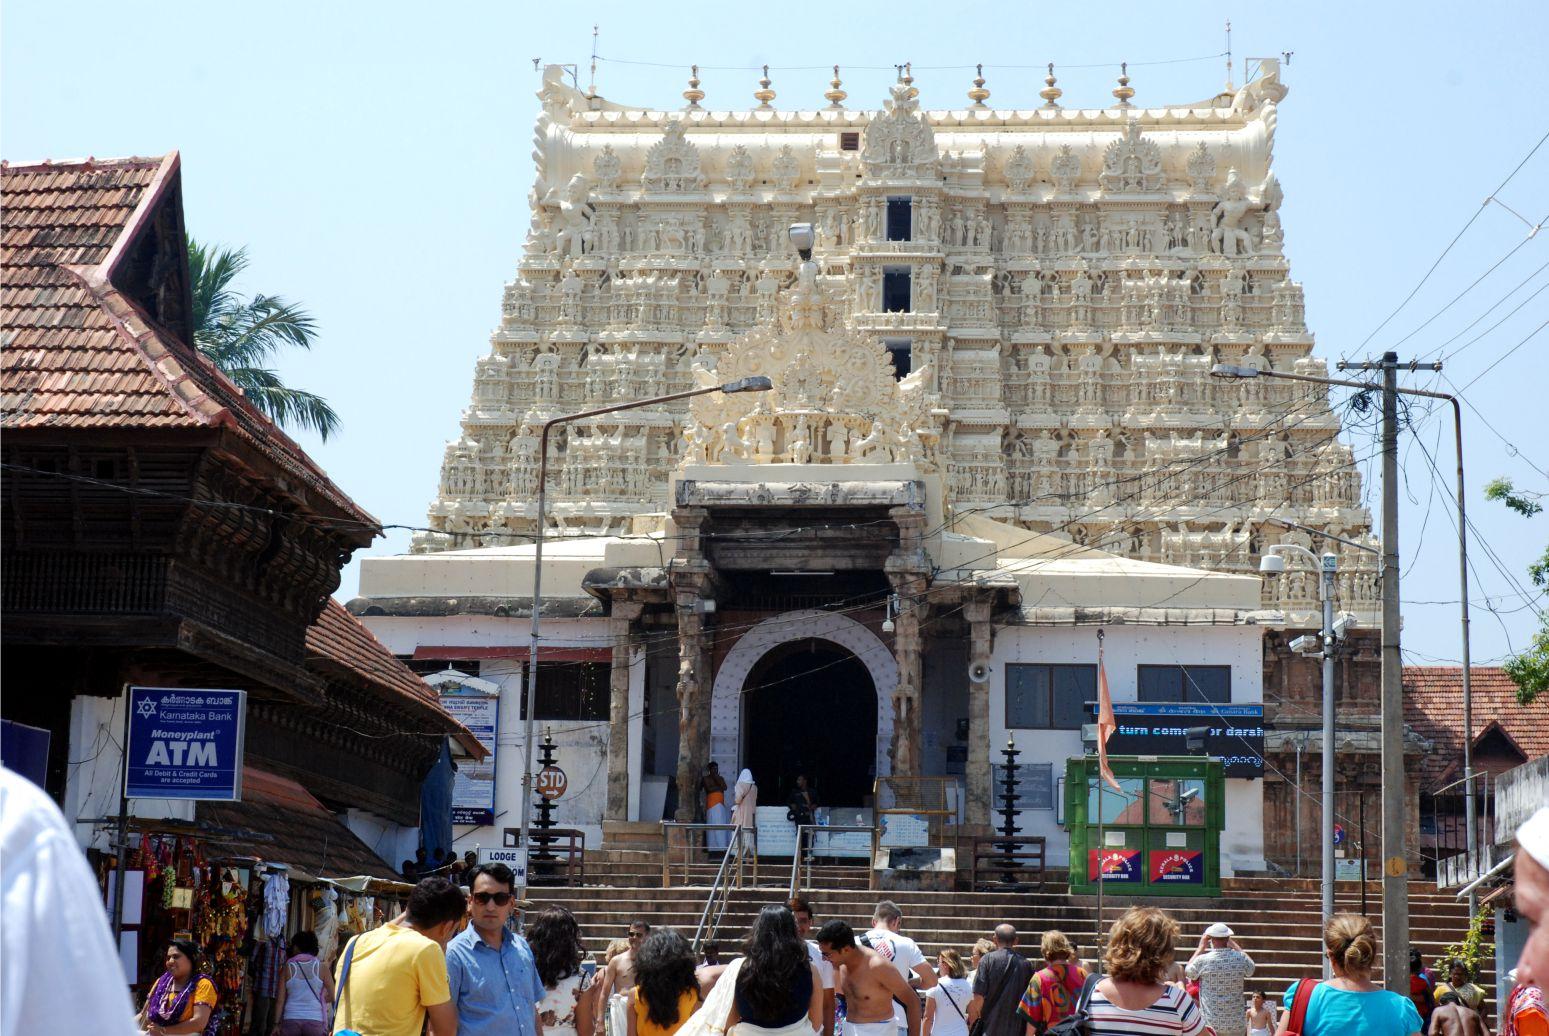 Gondolnád, hogy ez a viszonylag egyszerűbbnek számító gopuram a világ leggazdagabb templomának főkapuja? Sajnos mi, európaiak csak a kapuig jutottunk be, ahol egy gépfegyveres ő gondoskodott róla, hogy ne menjünk tovább...